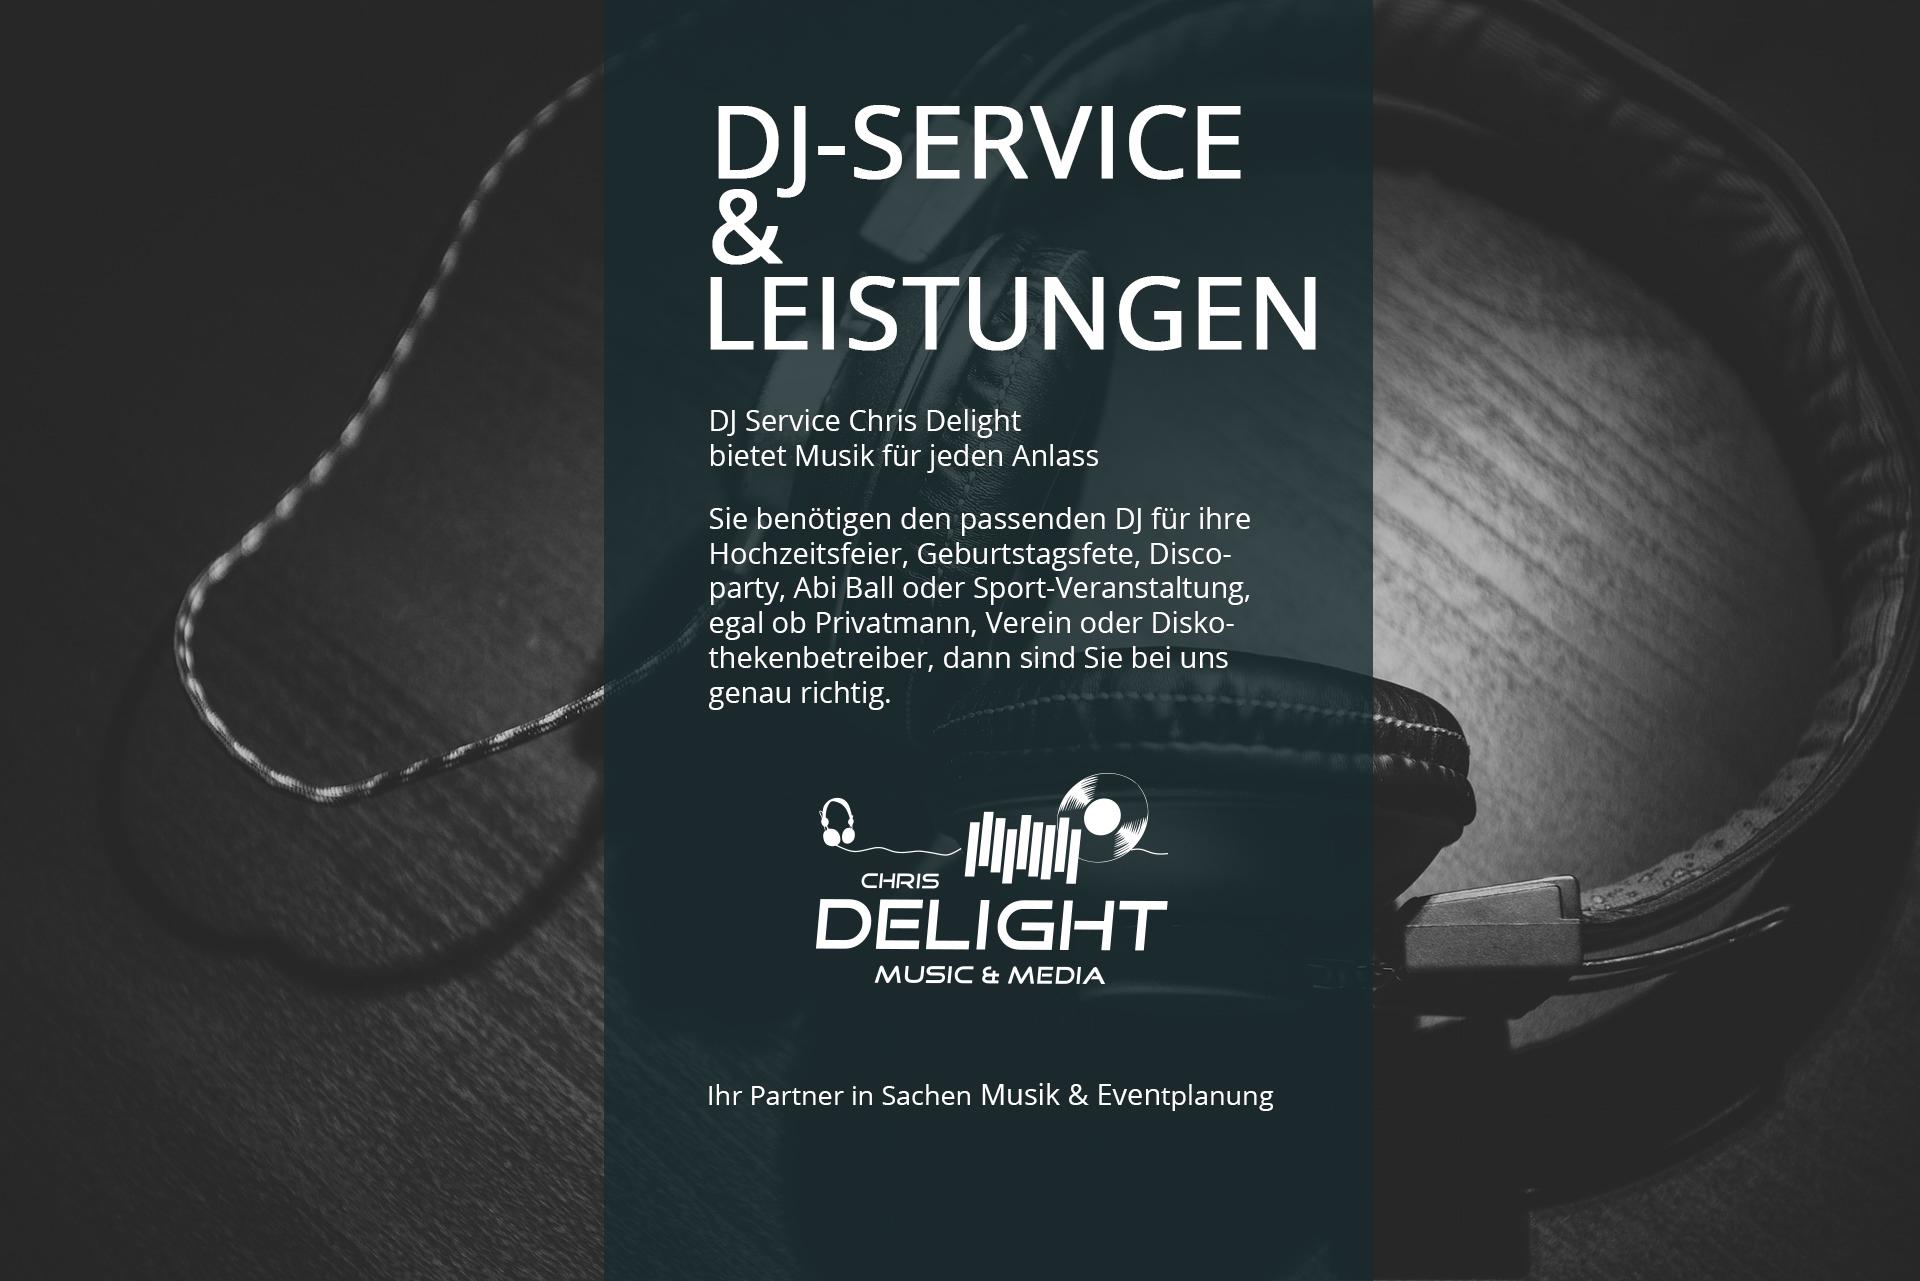 DJ Service & Leistungen